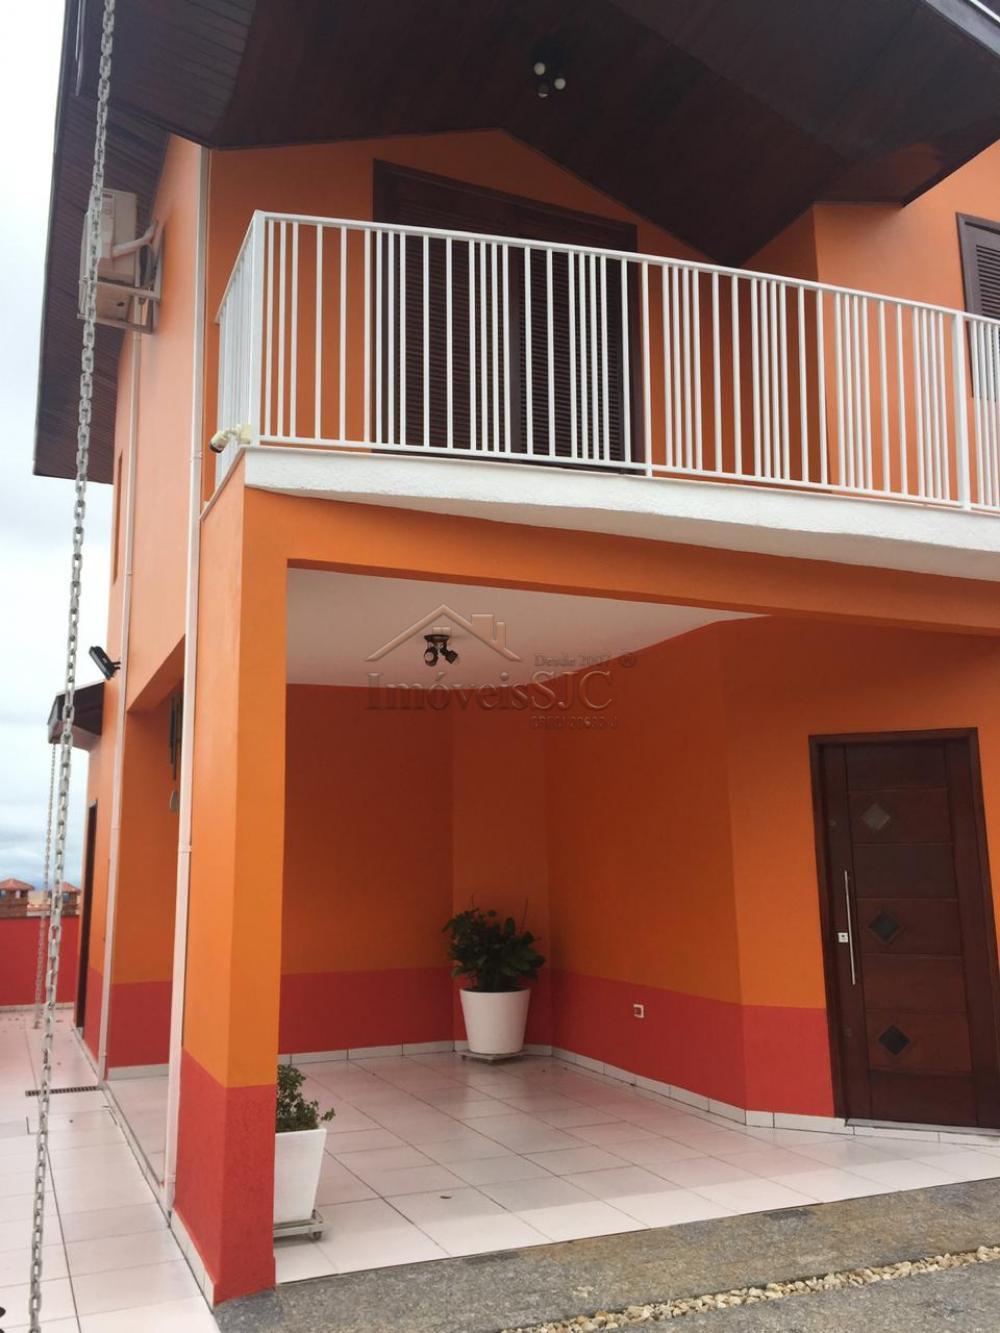 Comprar Casas / Padrão em Jacareí apenas R$ 600.000,00 - Foto 3